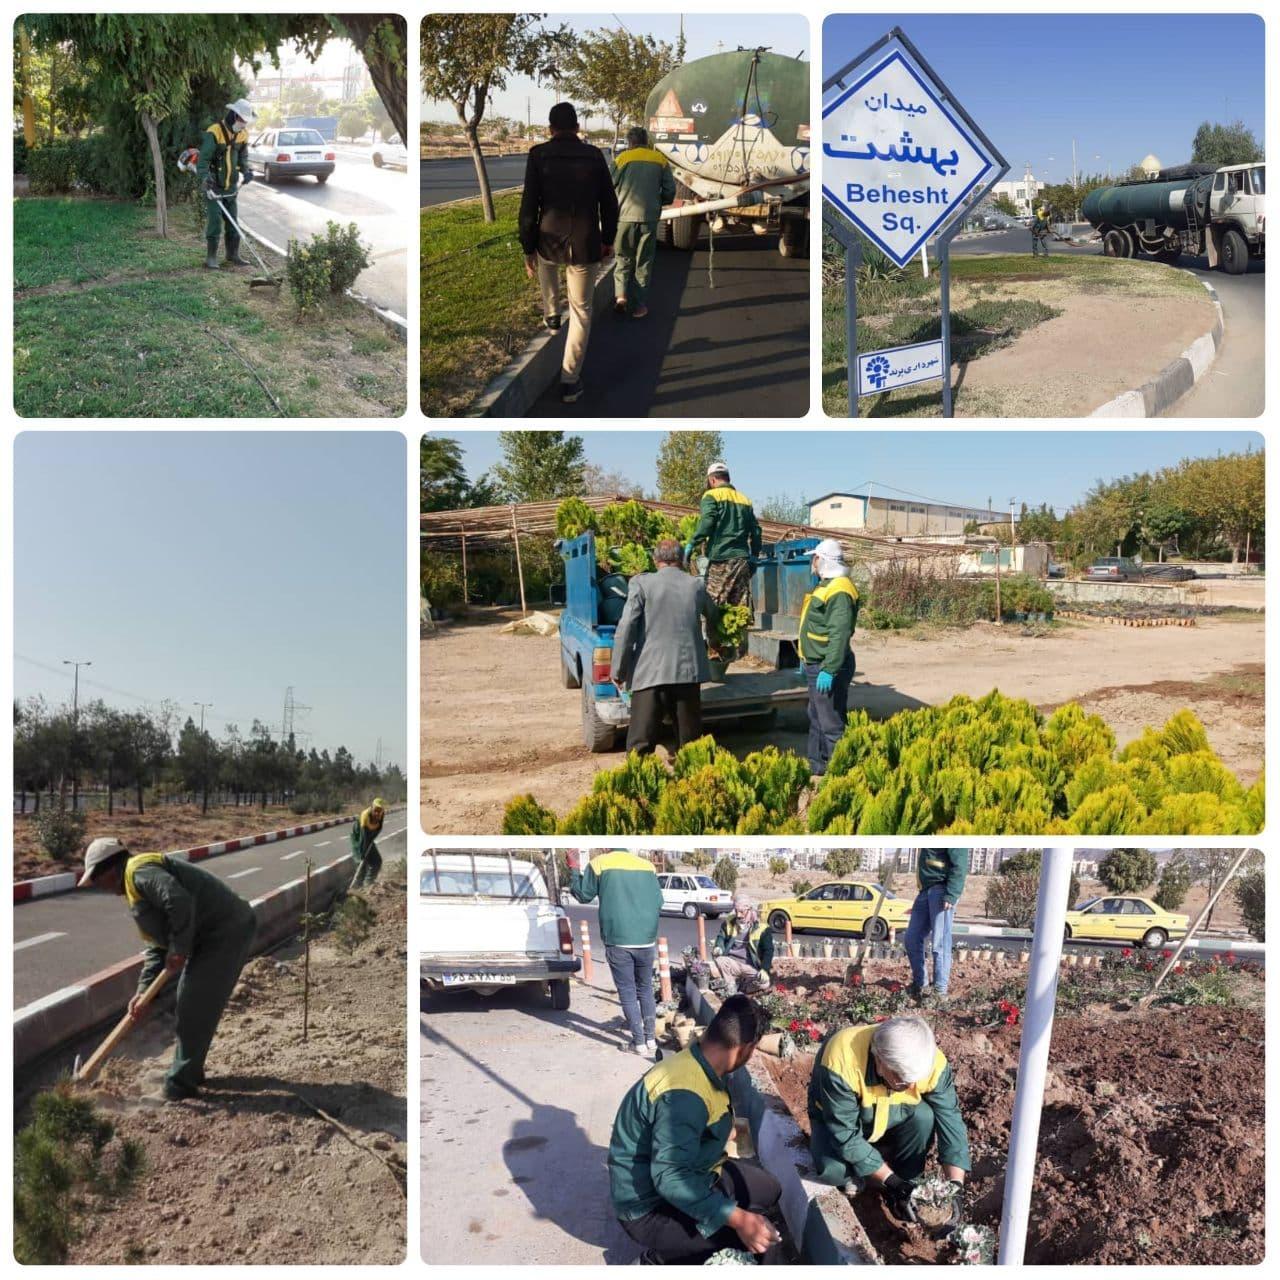 مدیریت شهری پرند؛ کوشا در حفط و توسعه فضای سبز